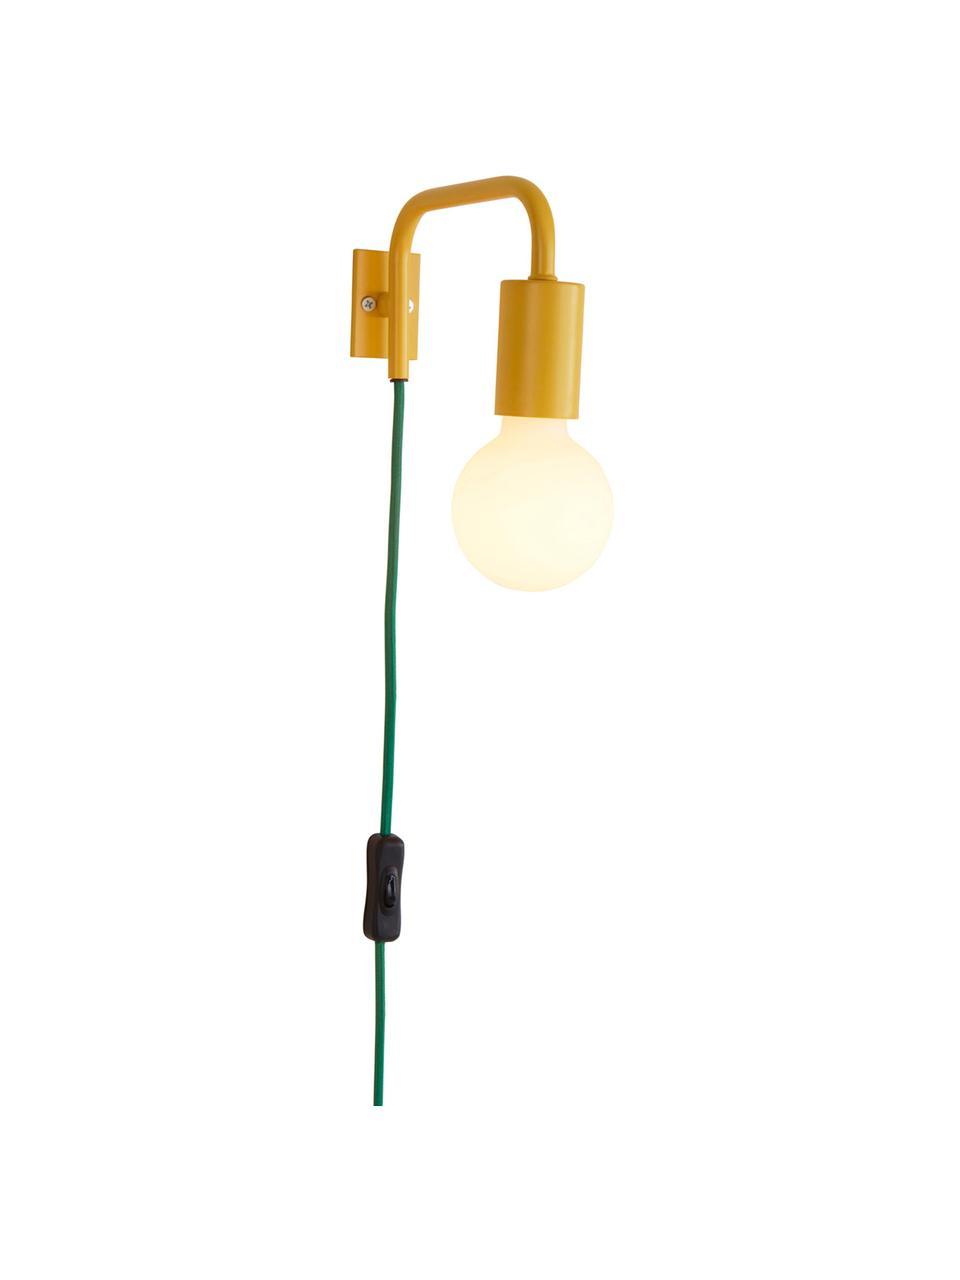 Wandleuchte Cascais, Lampenschirm: Metall, beschichtet, Gelb, 20 x 12 cm